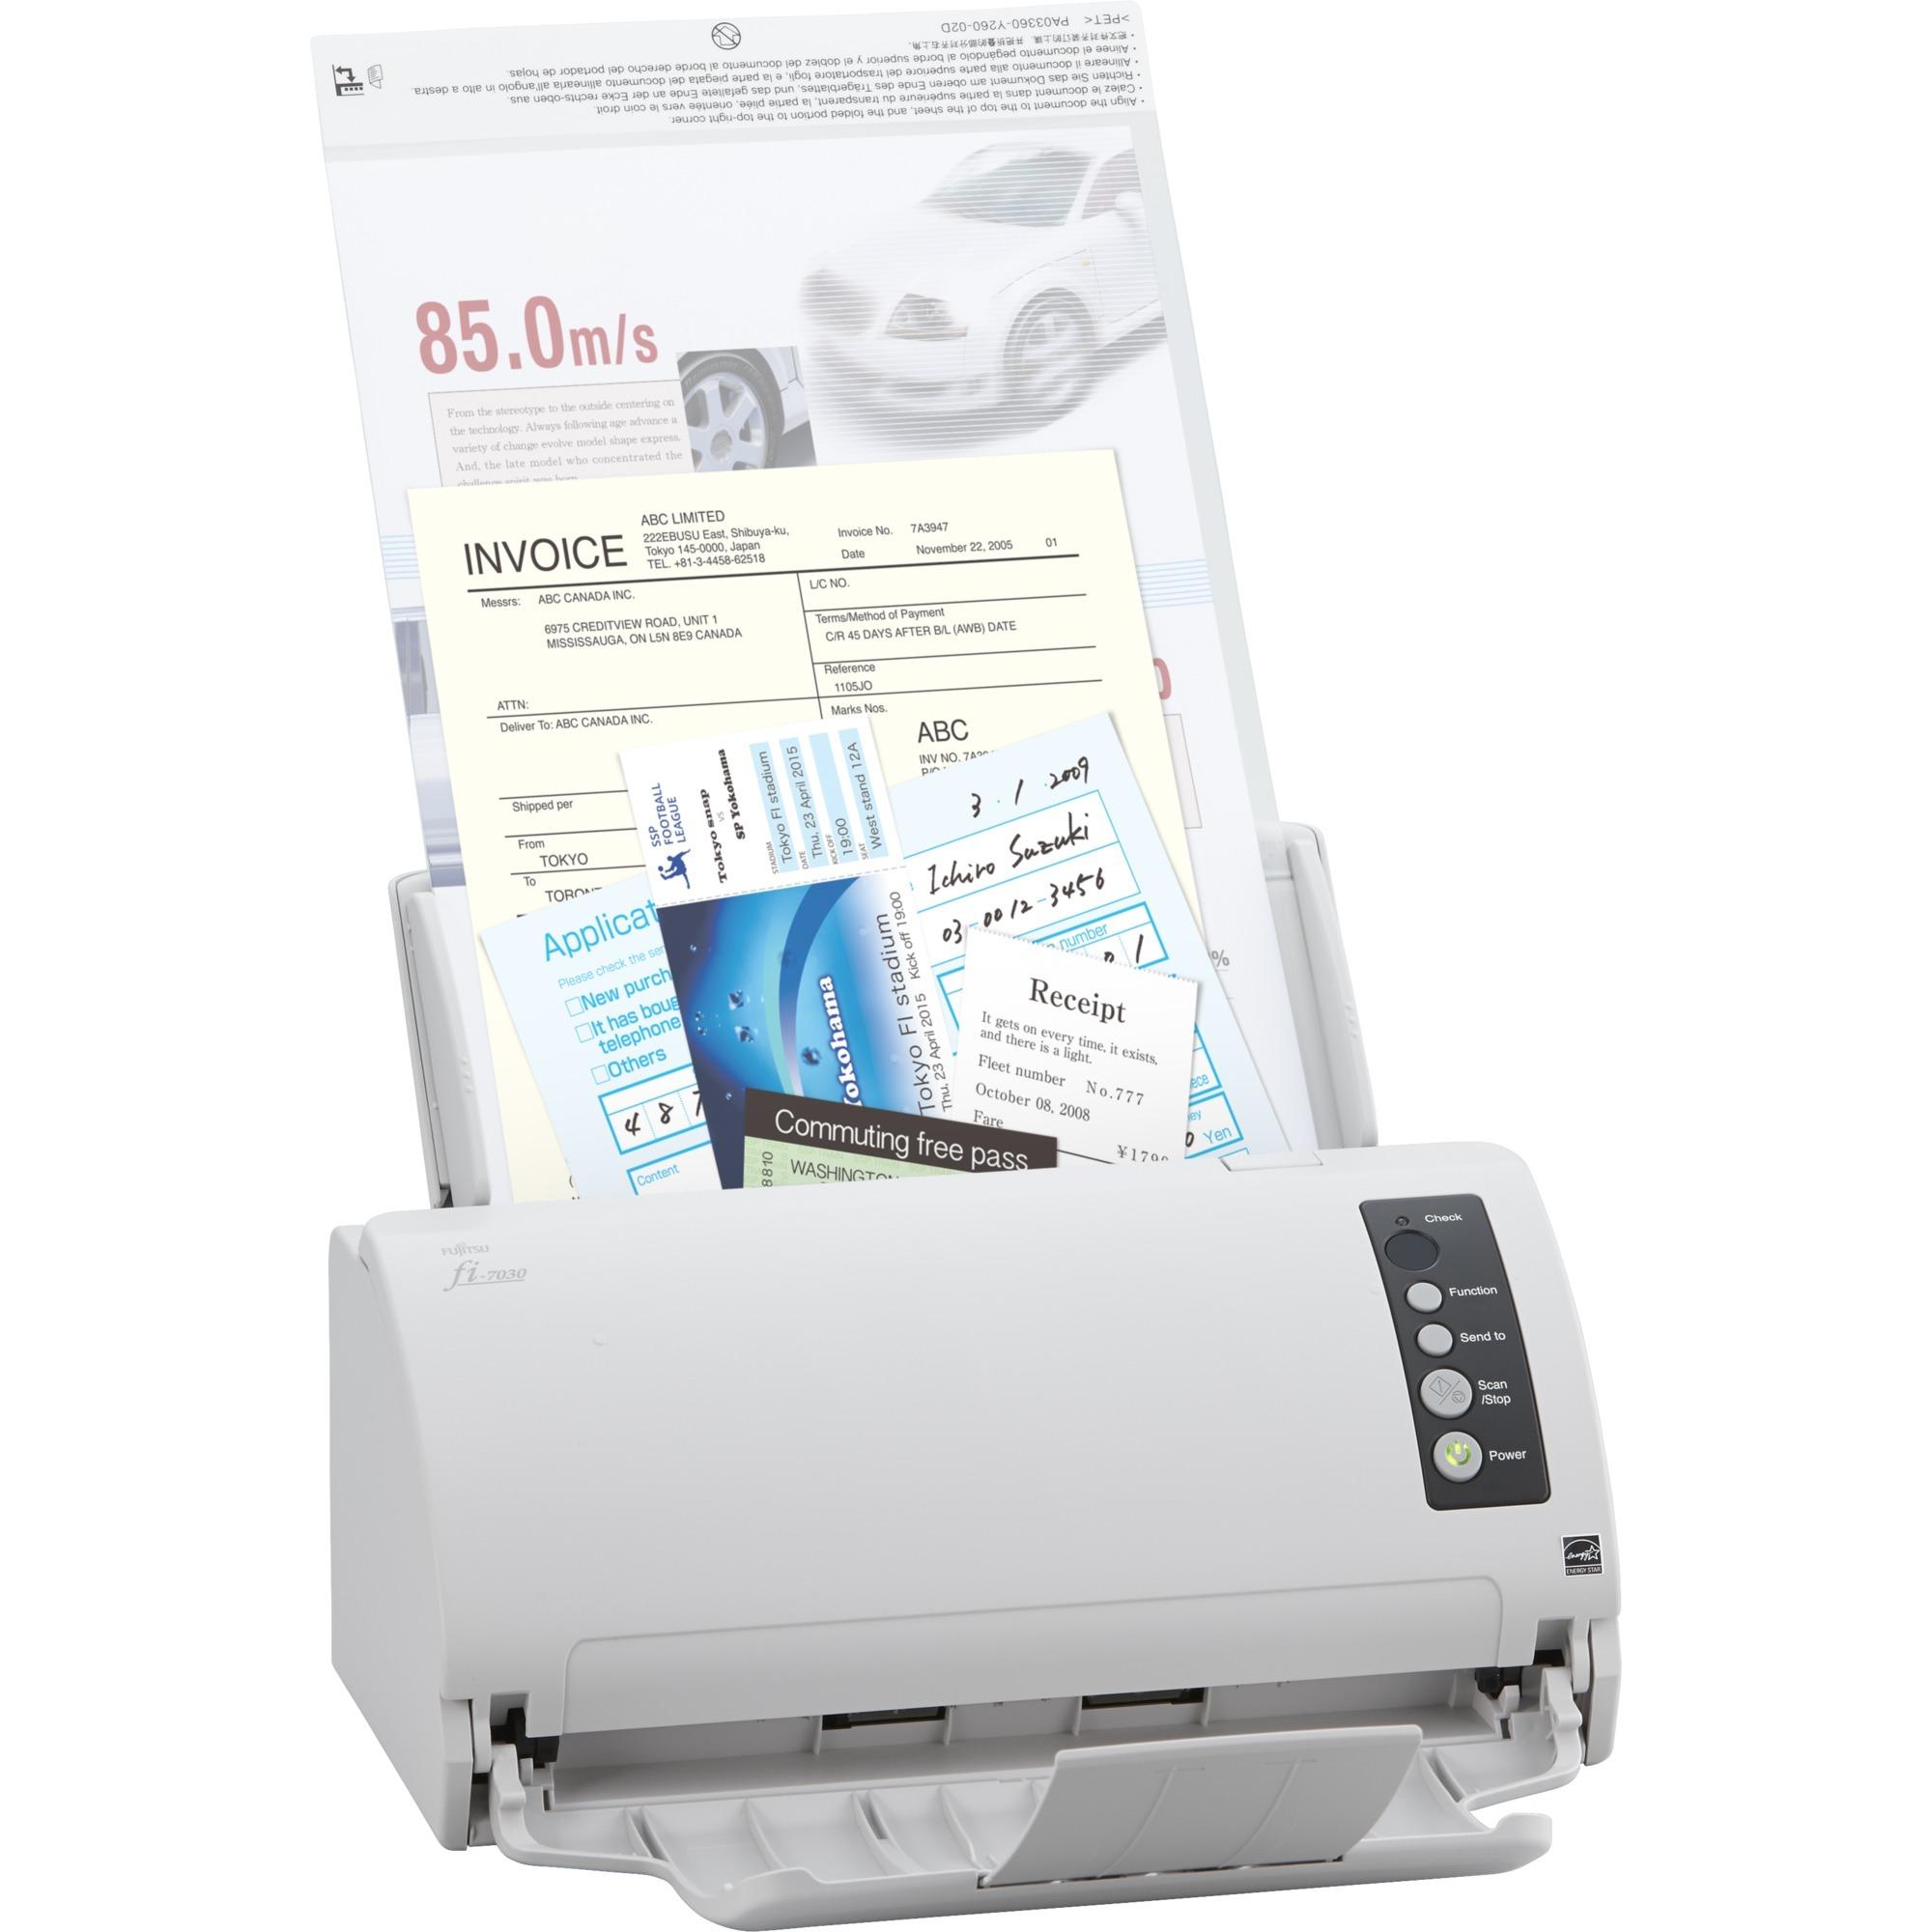 fi-7030 600 x 600 DPI Escáner con alimentador automático de documentos (ADF) Blanco A4, Escáner de alimentación de hojas